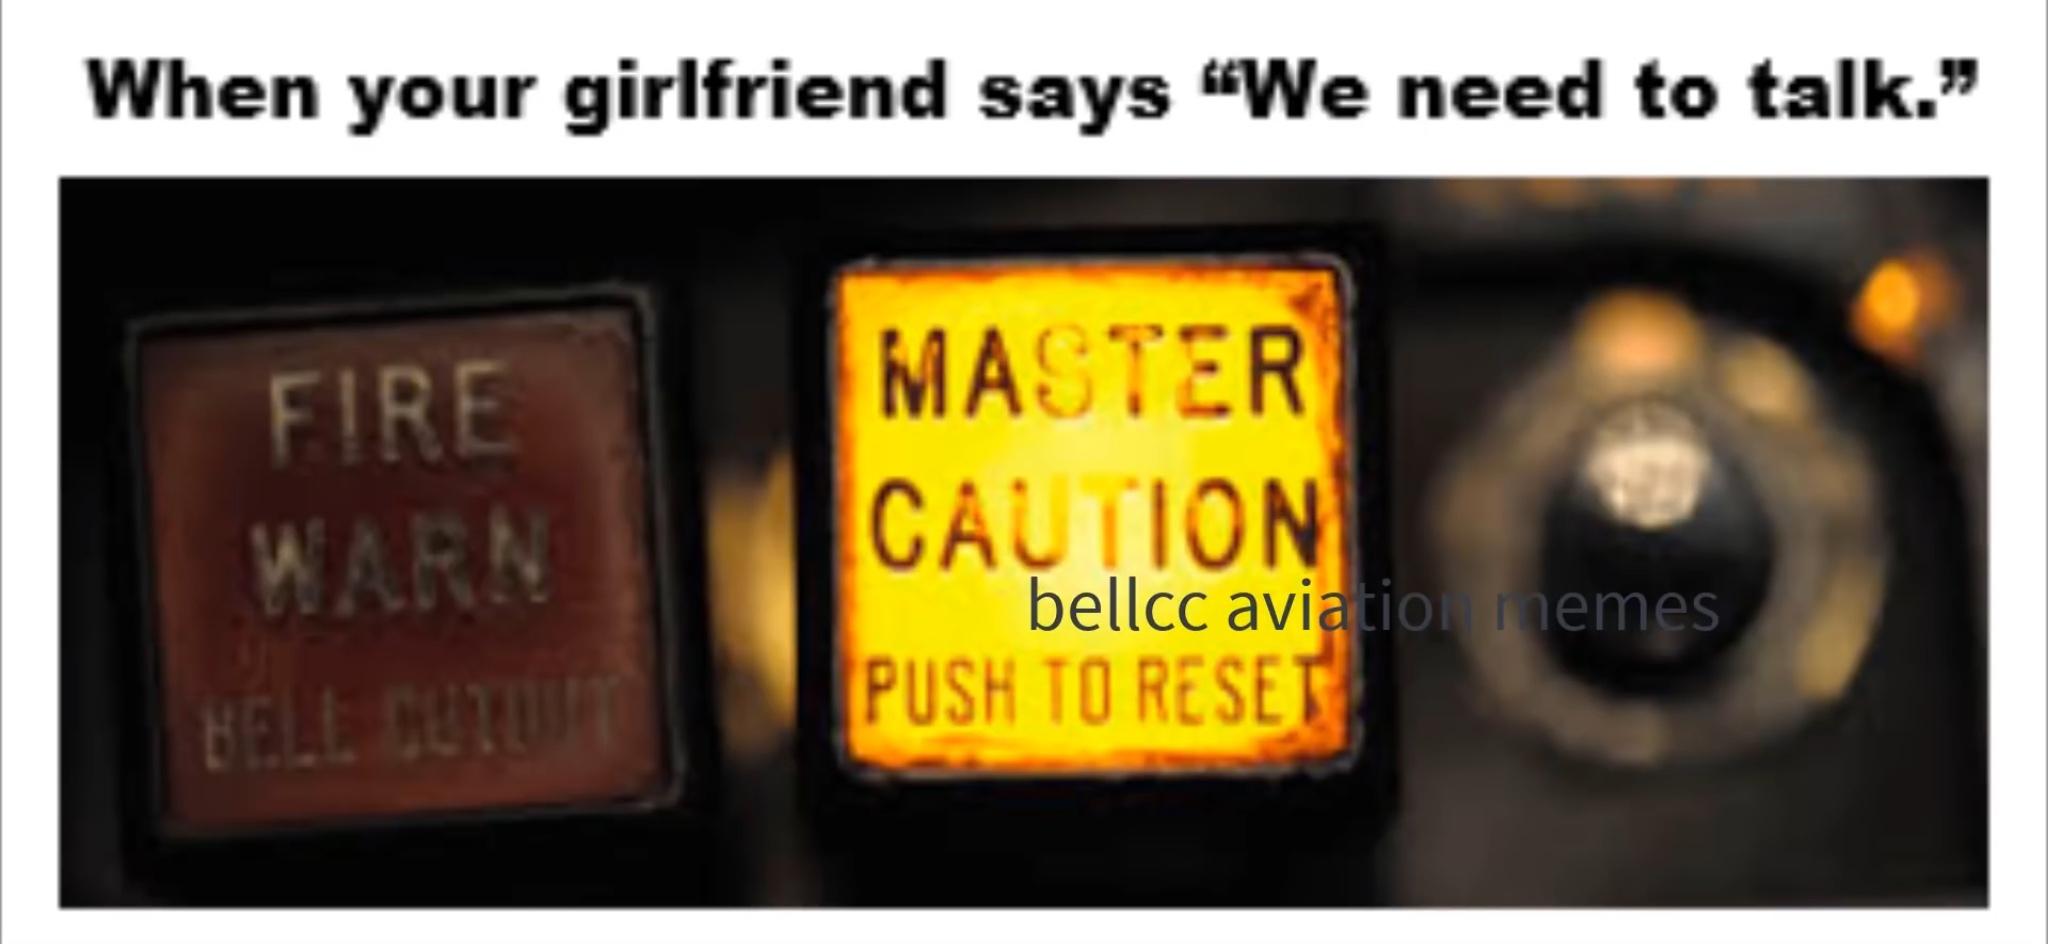 Master caution - meme